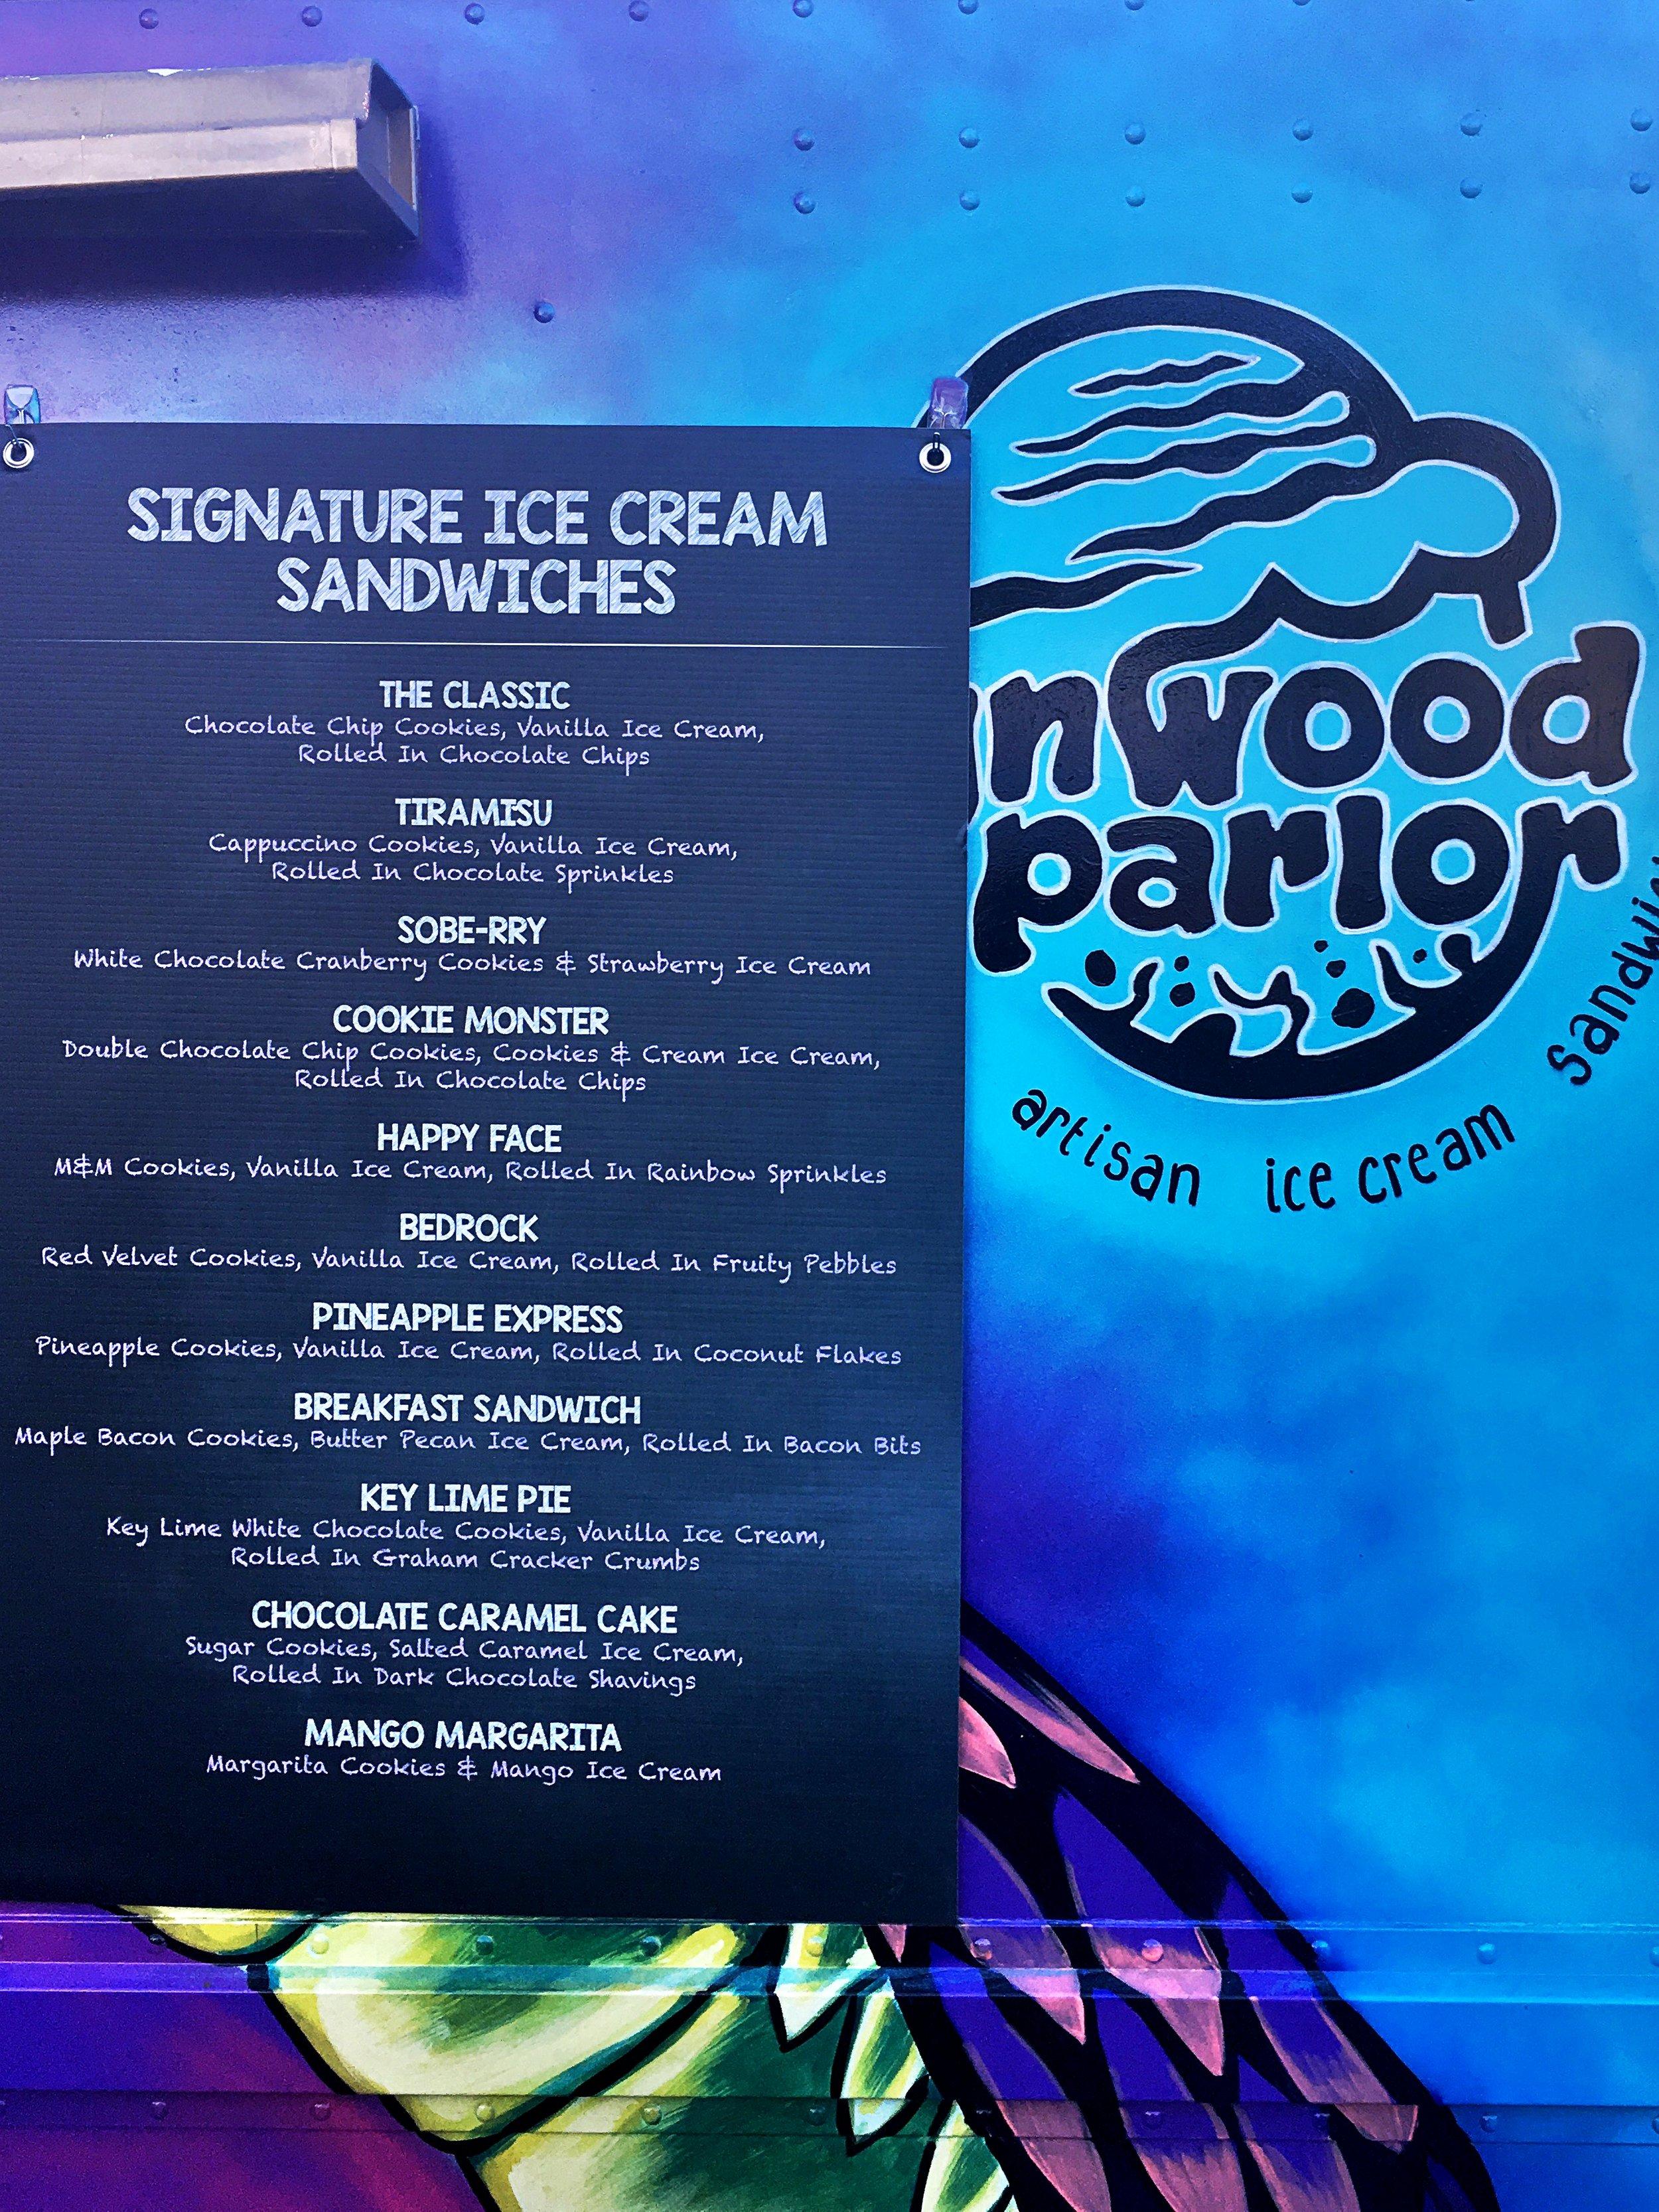 Wynwood Parlor Ice Cream Sandwich Truck Menu